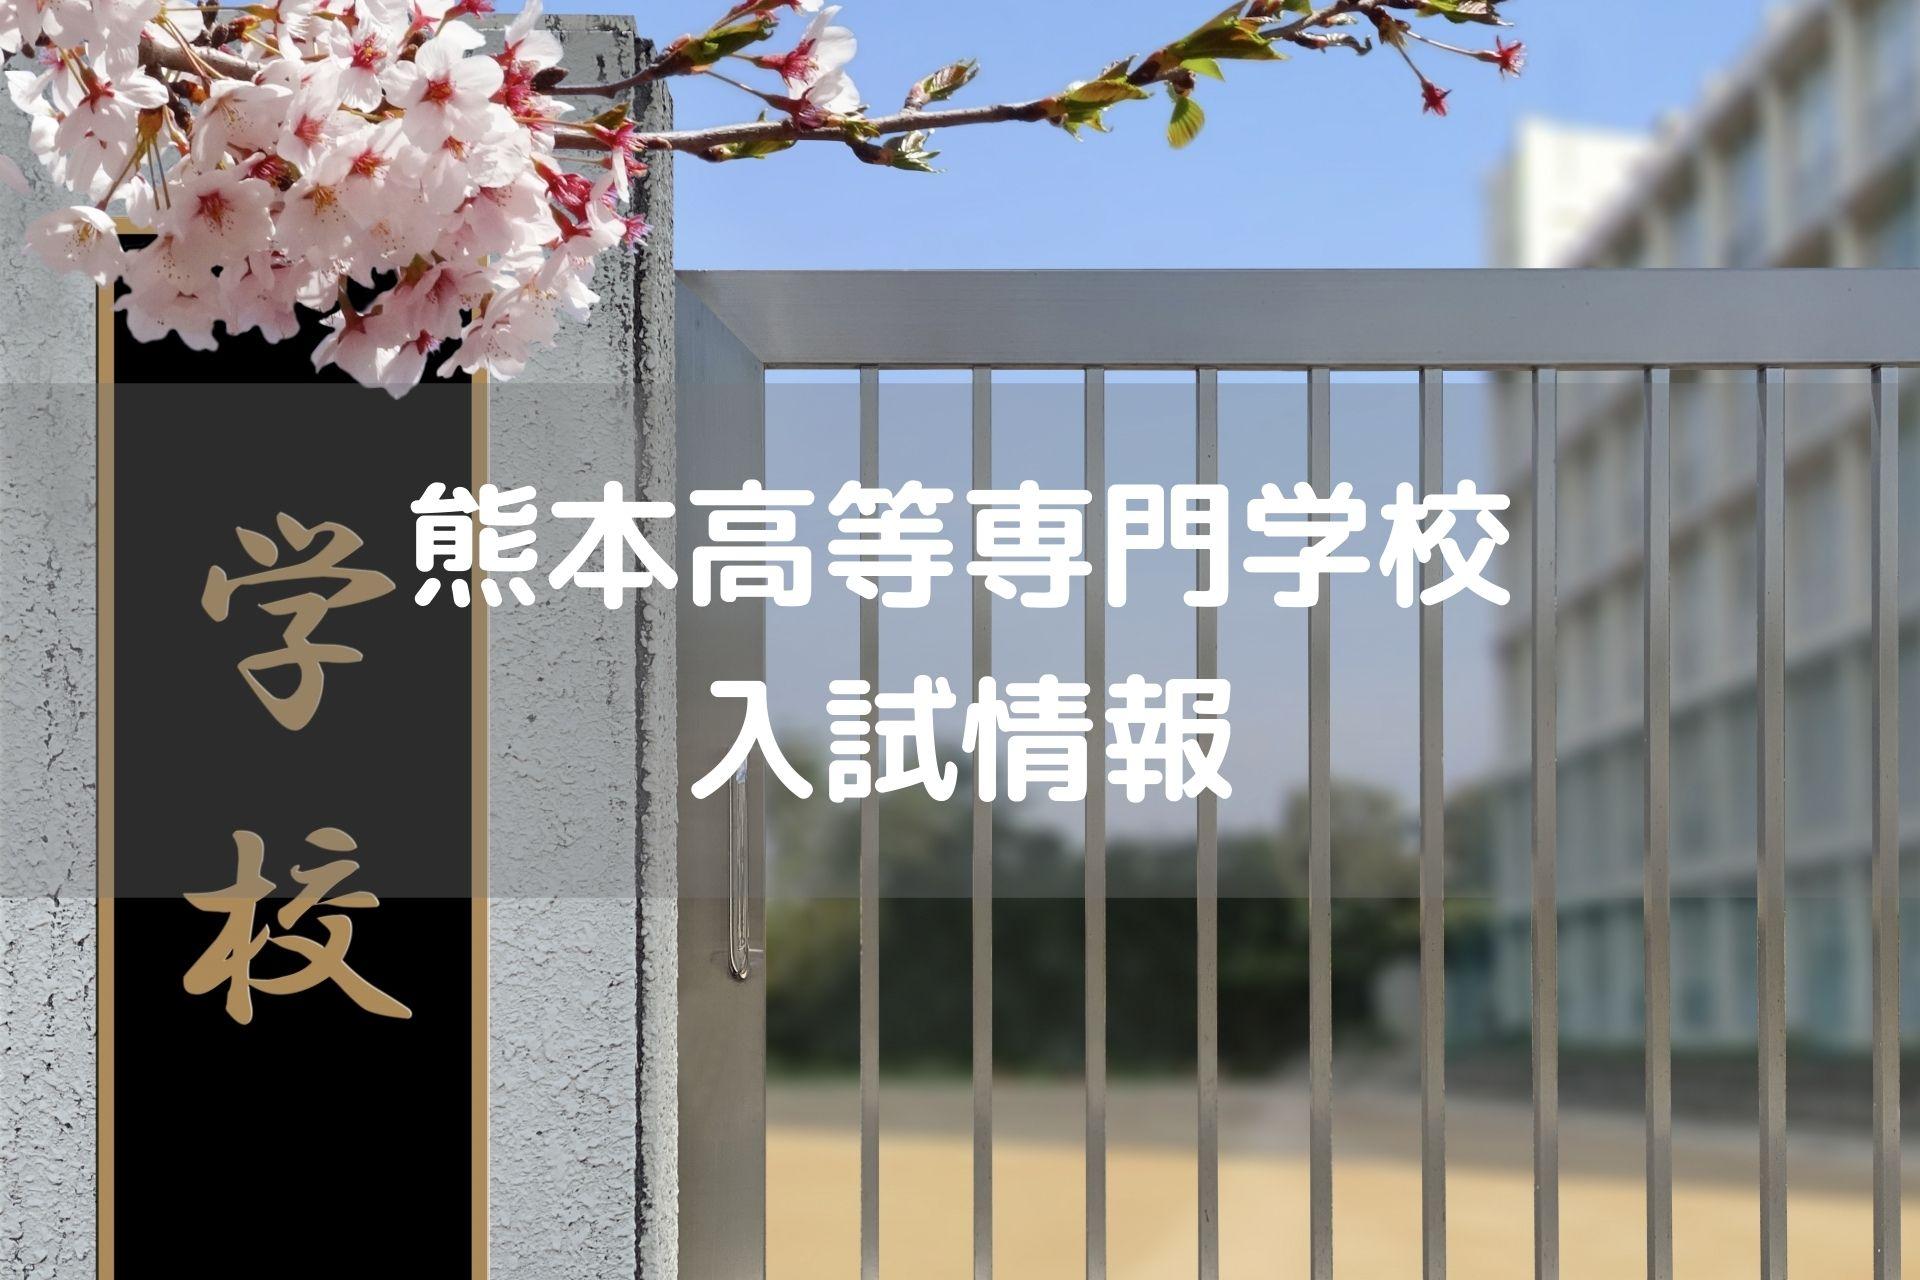 熊本高専の入試情報